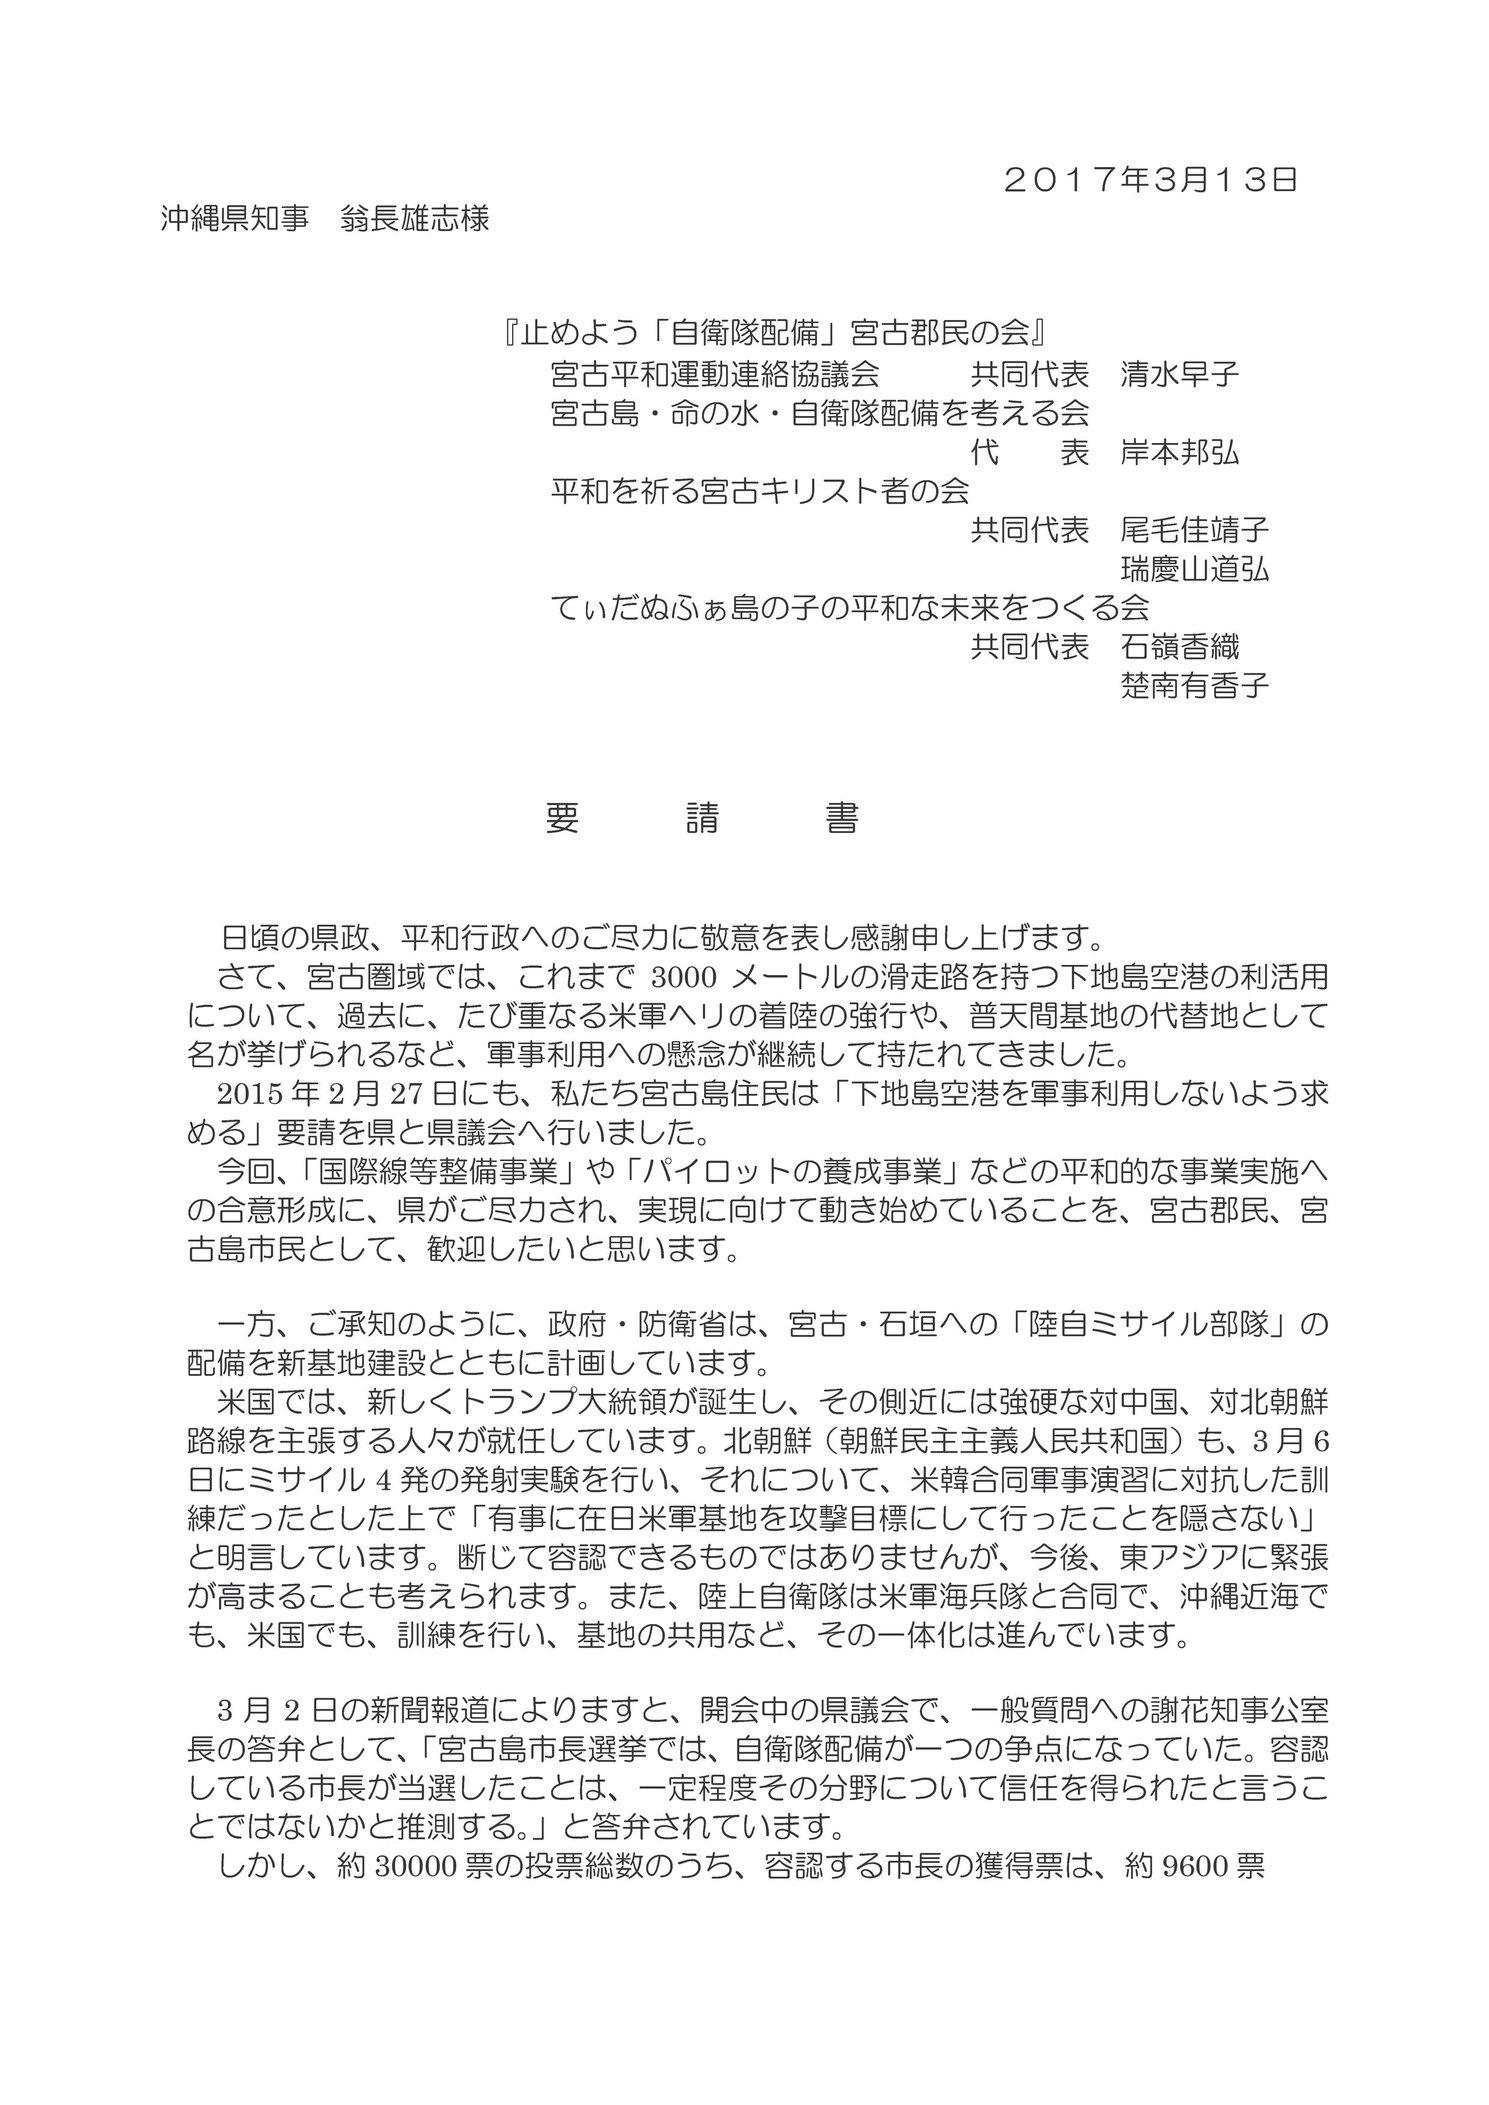 郡民の会沖縄県知事あて要請書01